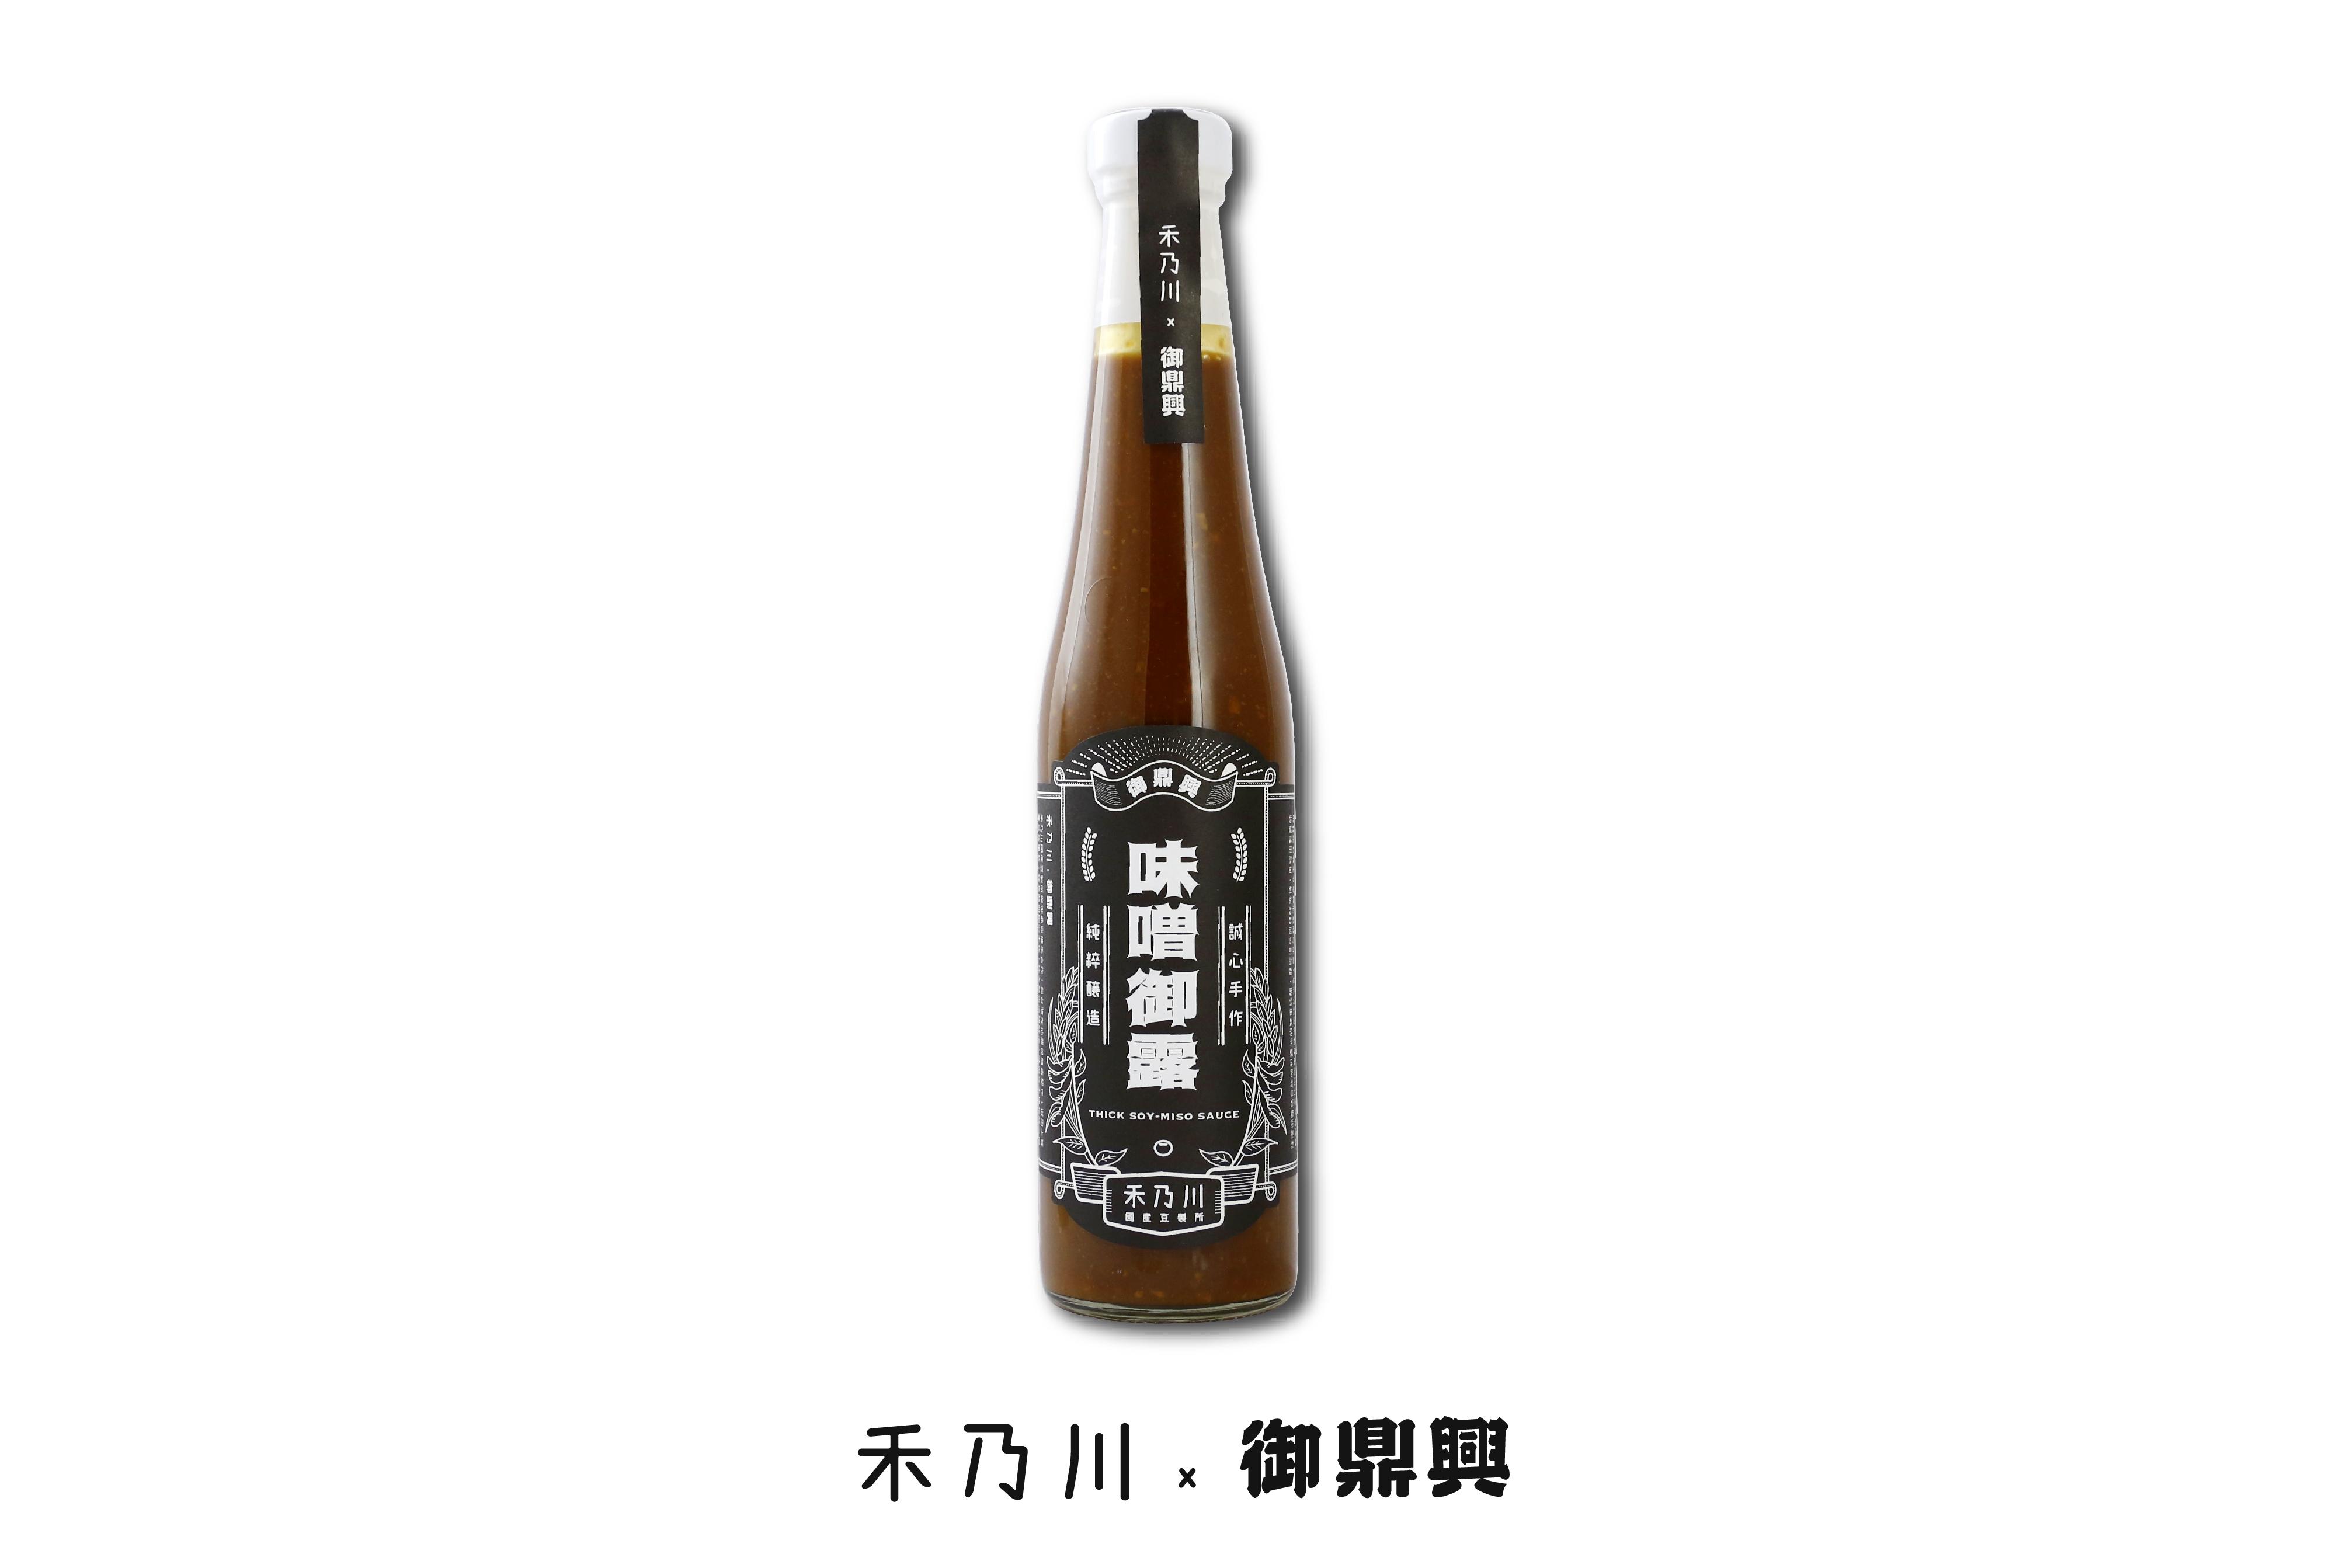 味噌御露 油膏 - 集甘濃香醇為一體 | 禾乃川國產豆製所 | 改變生命的豆漿店